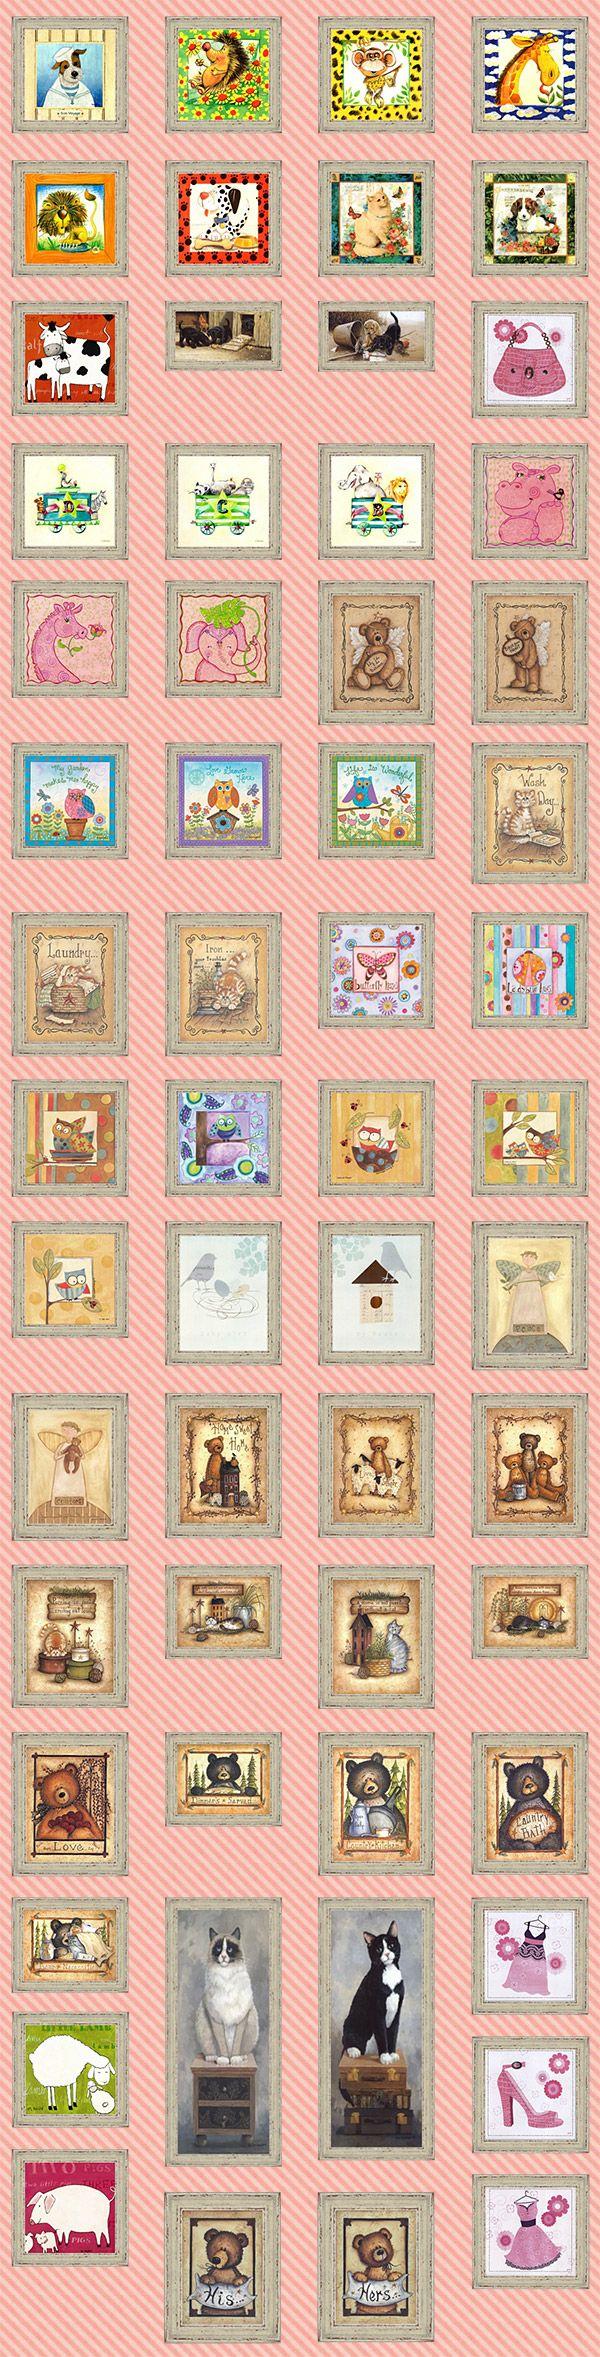 Tante idee di stampe country per le camerette dei bambini. http://www.cornicishop.com/categoria-prodotto/country/bambini/